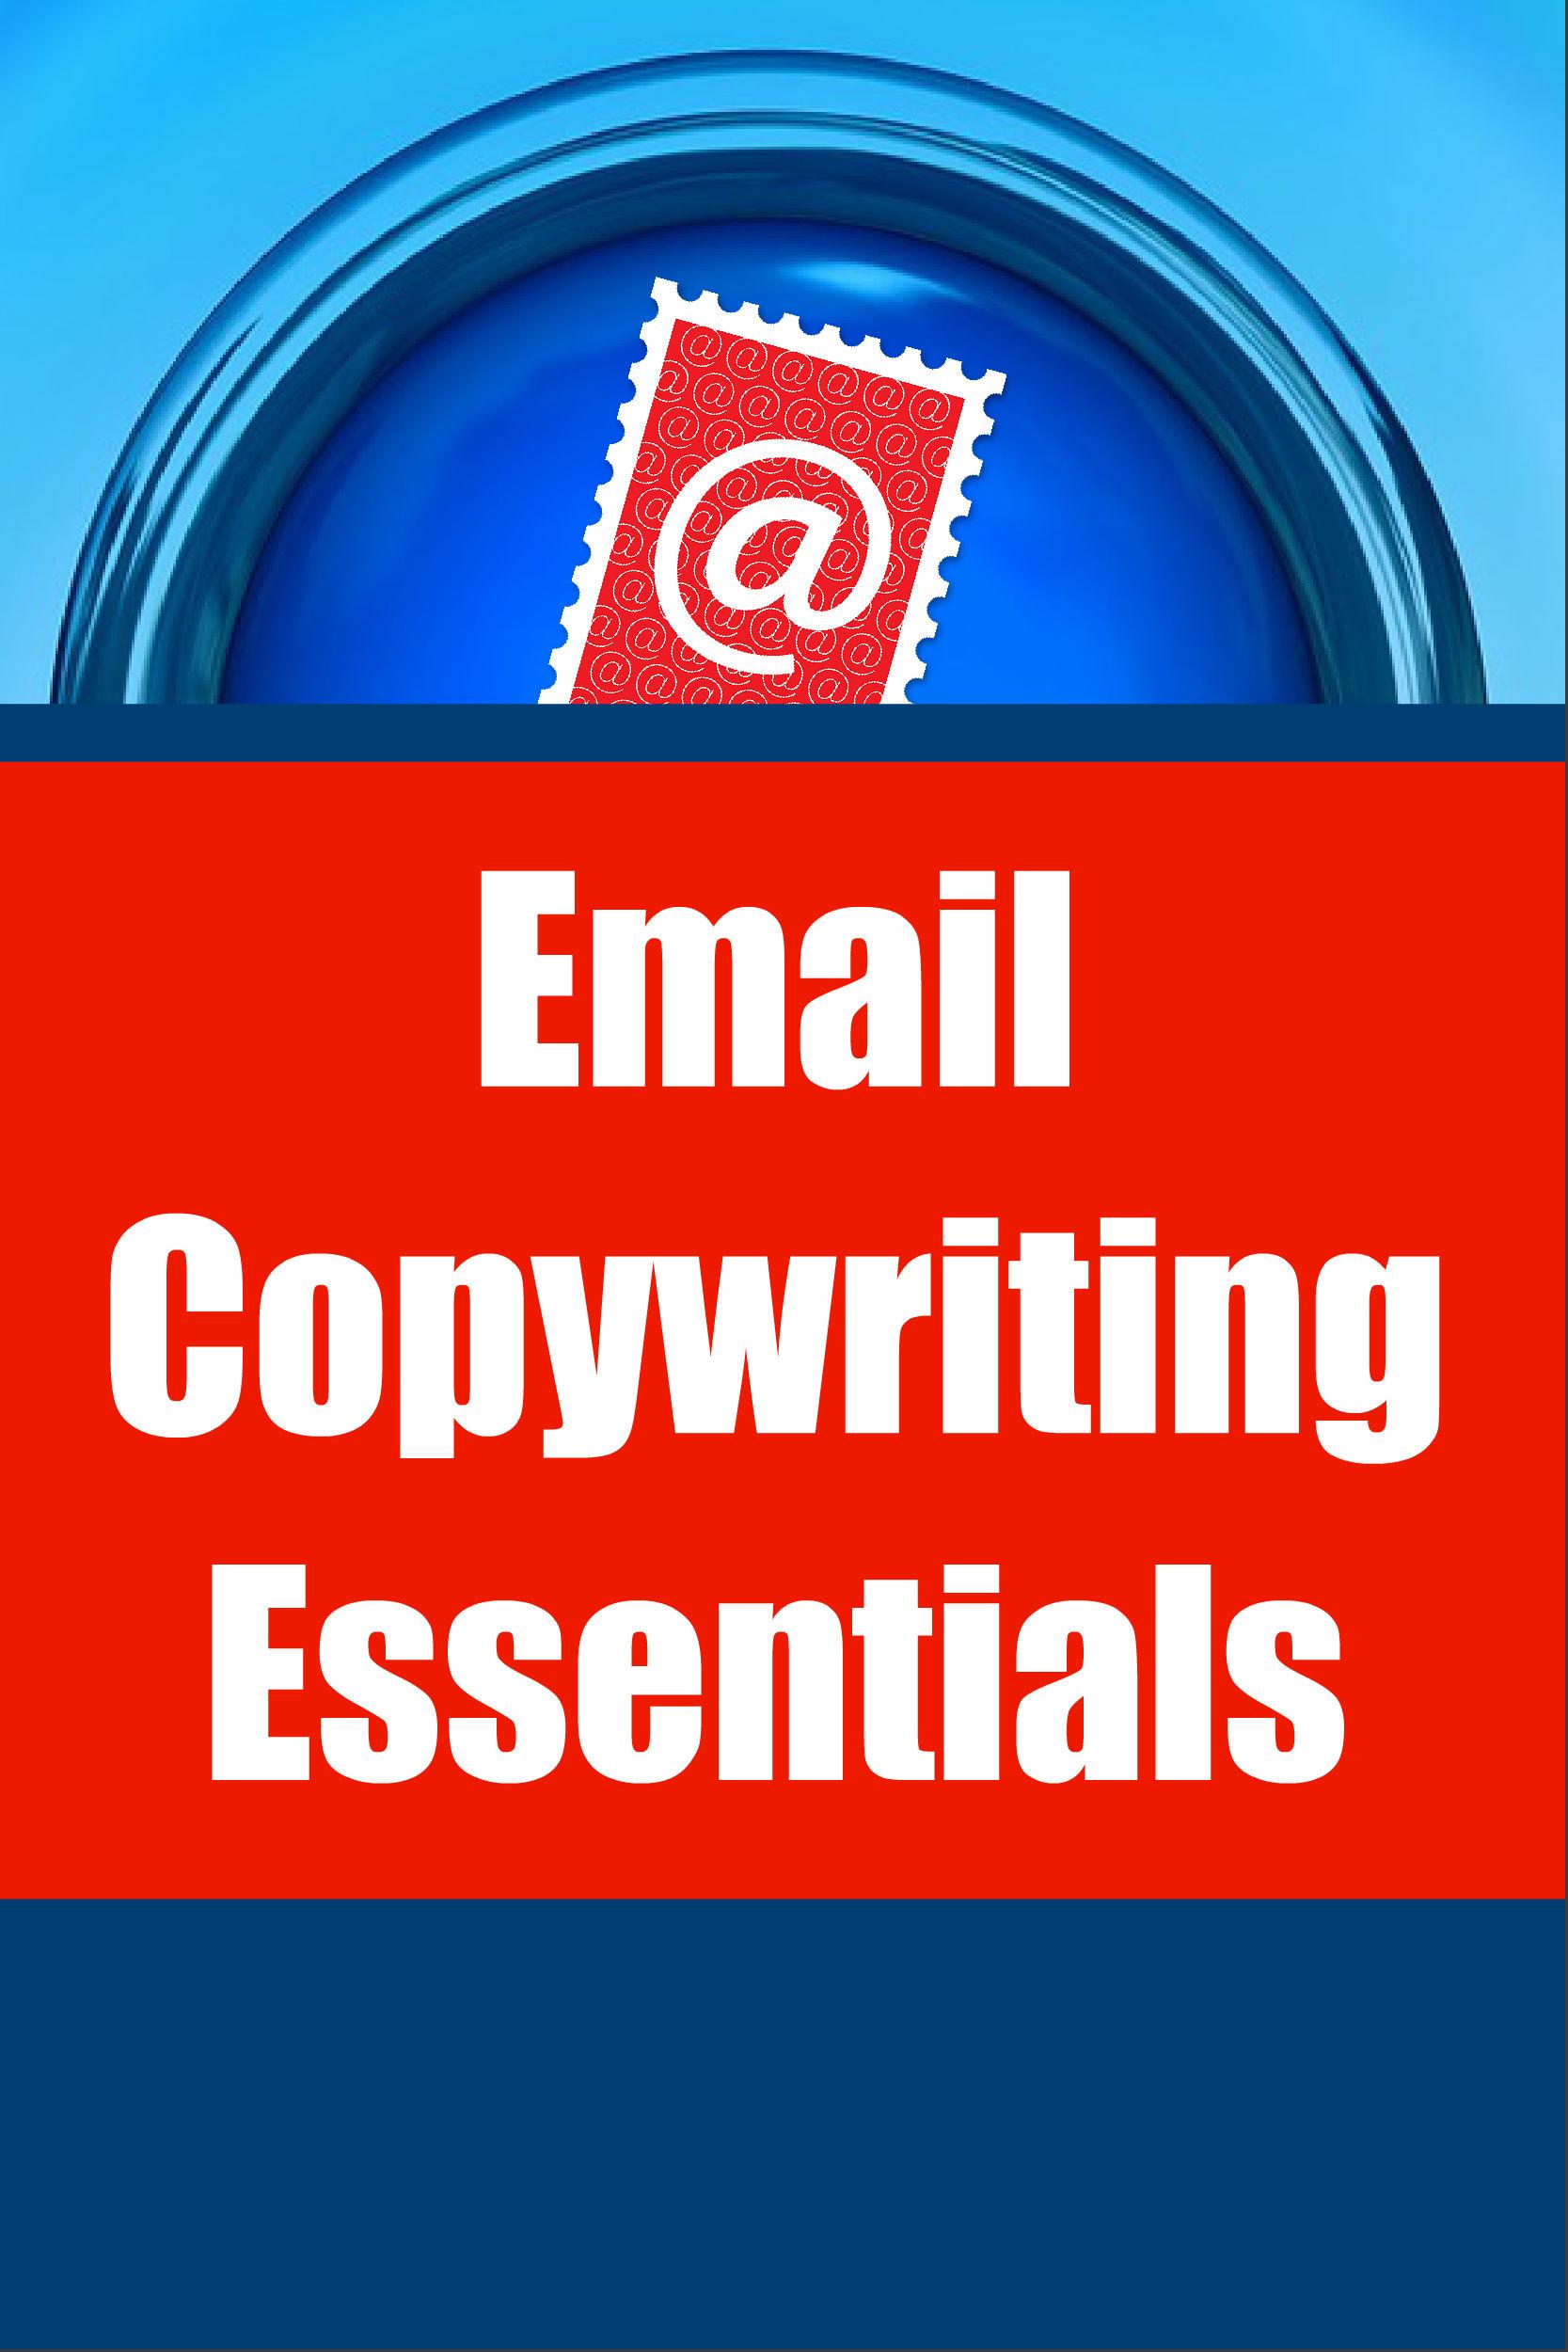 Marketing PLR Course: Email Copywriting Essentials